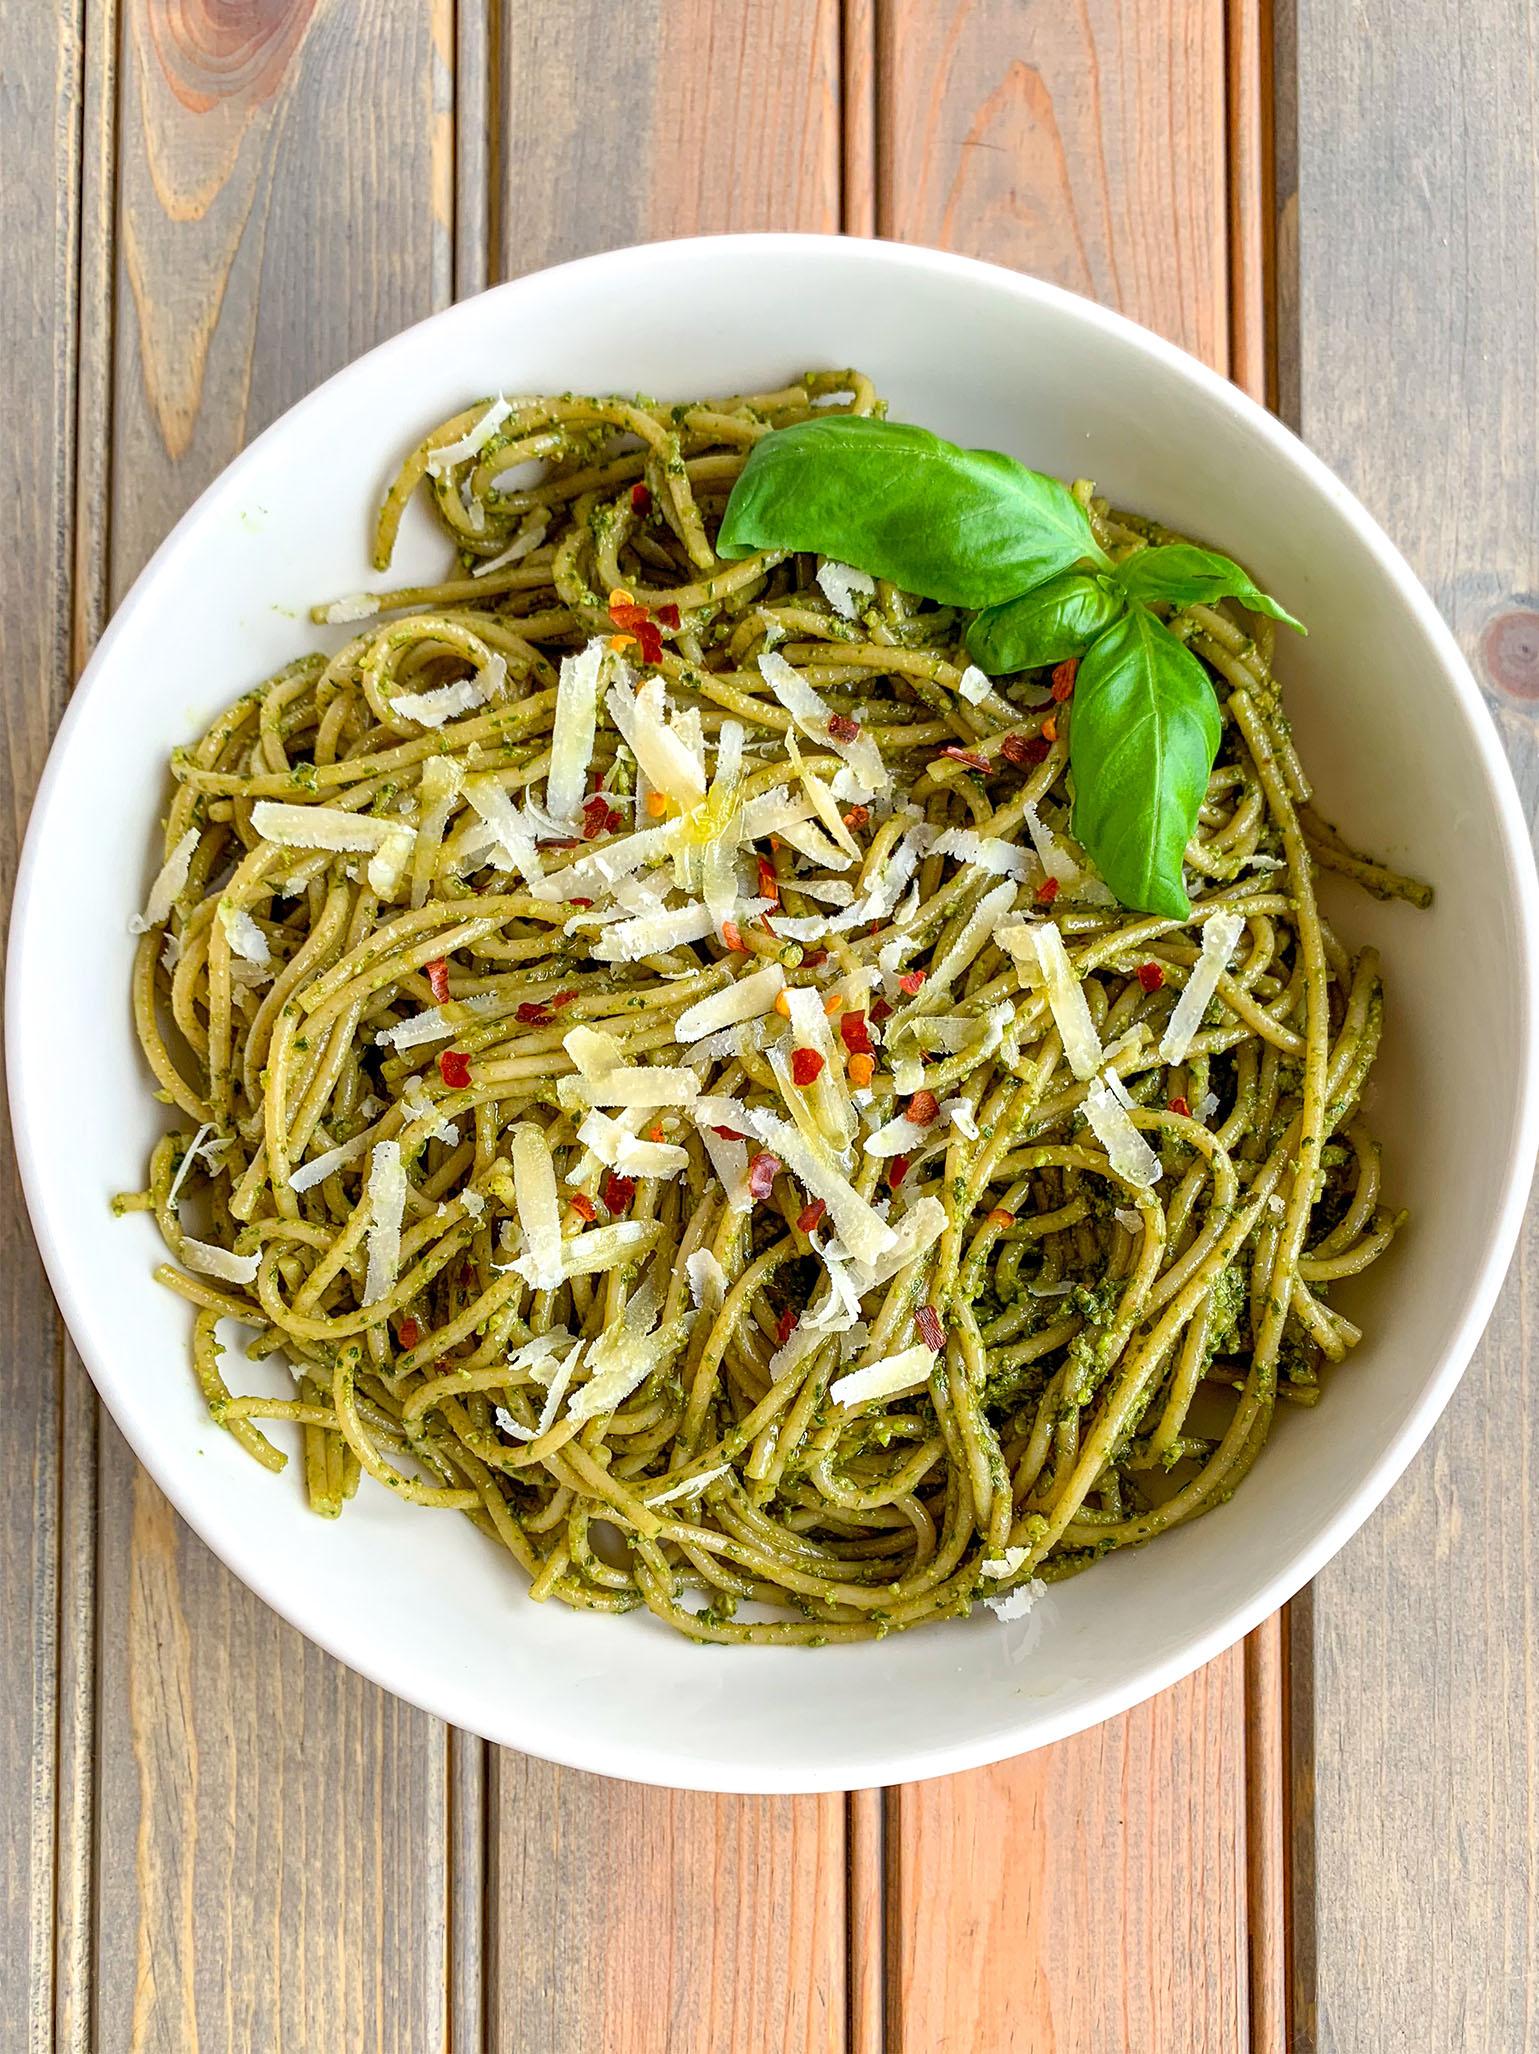 Classic basil pesto recipe with pasta